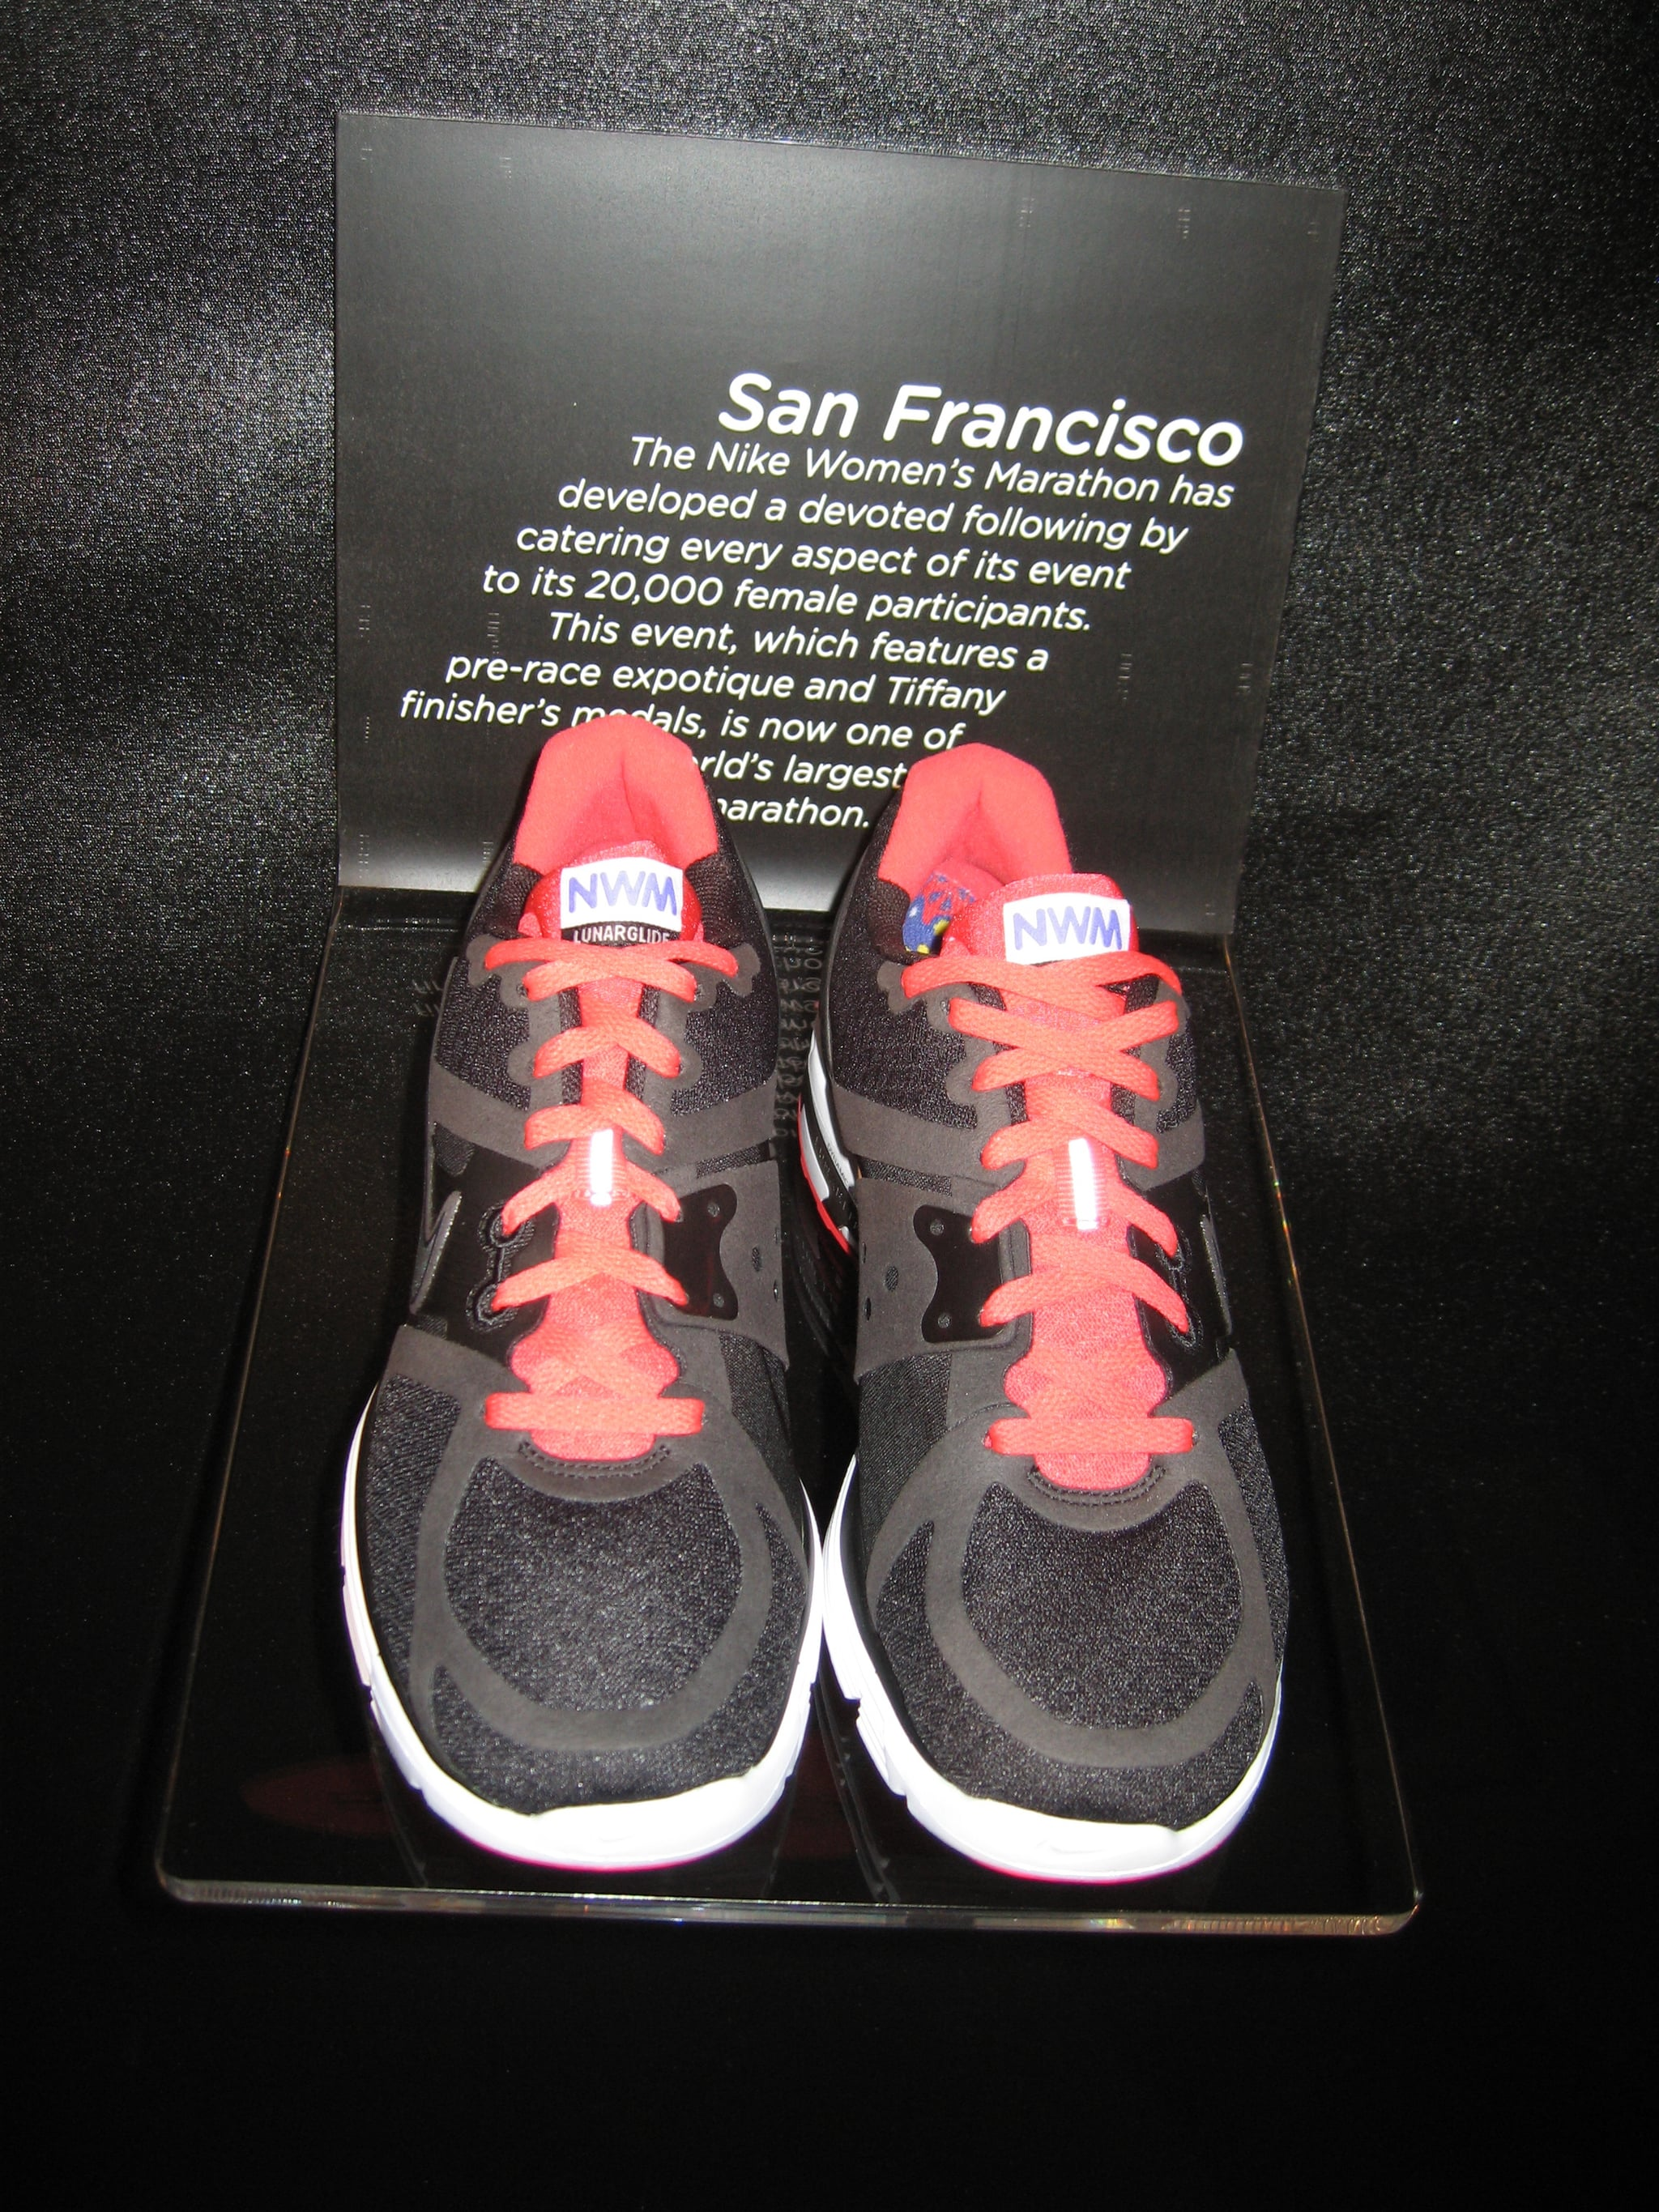 Line of Marathon Shoes: San Fancisco